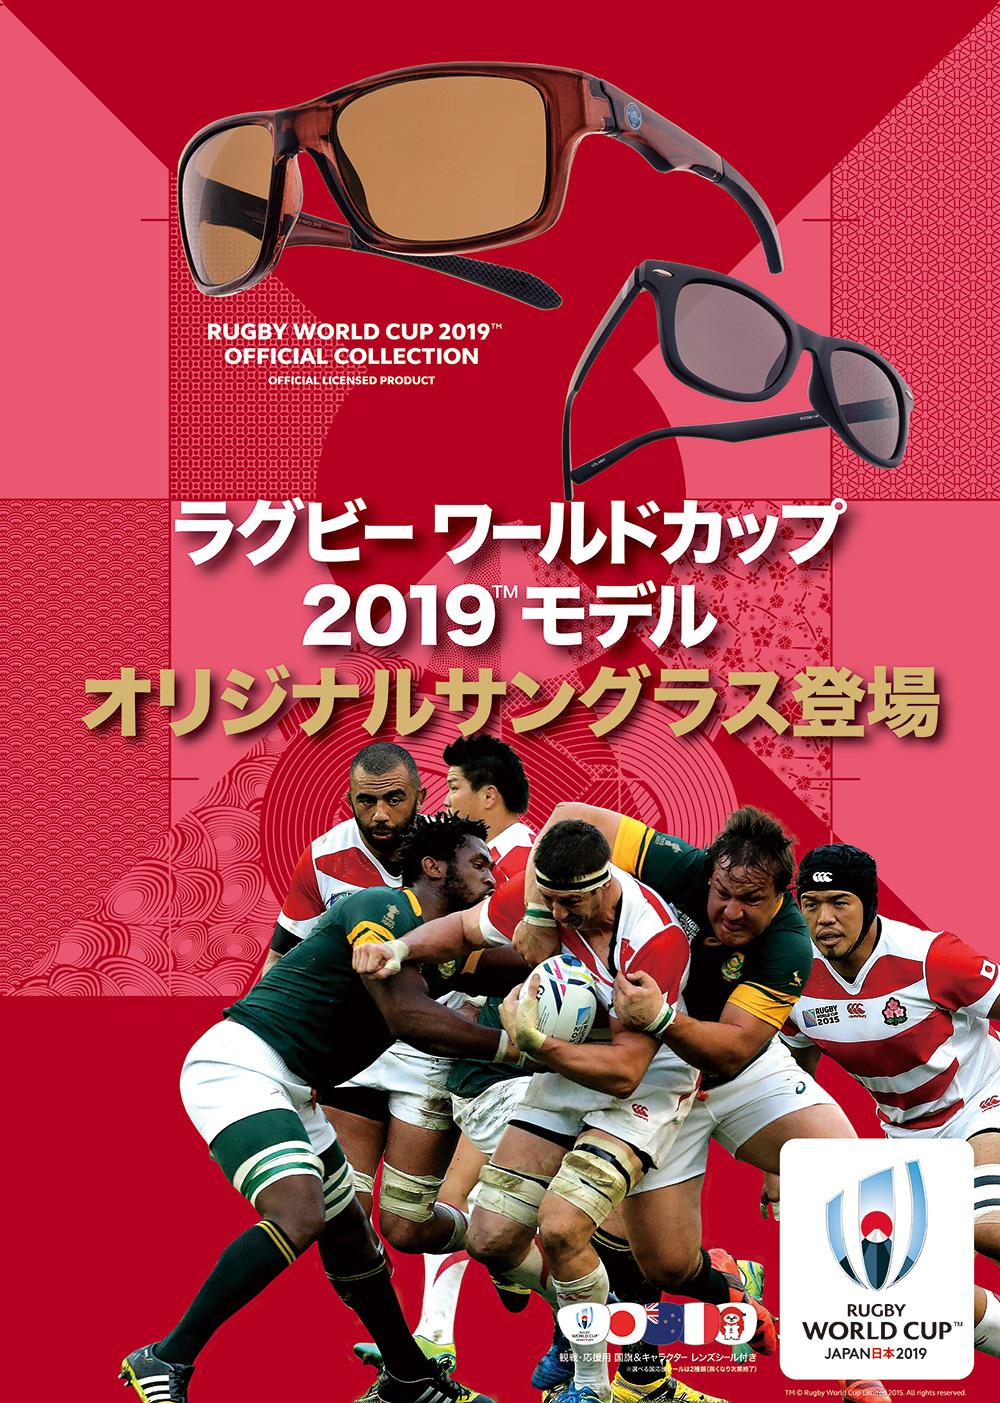 ラグビーワールドカップ2019モデル オリジナルサングラス